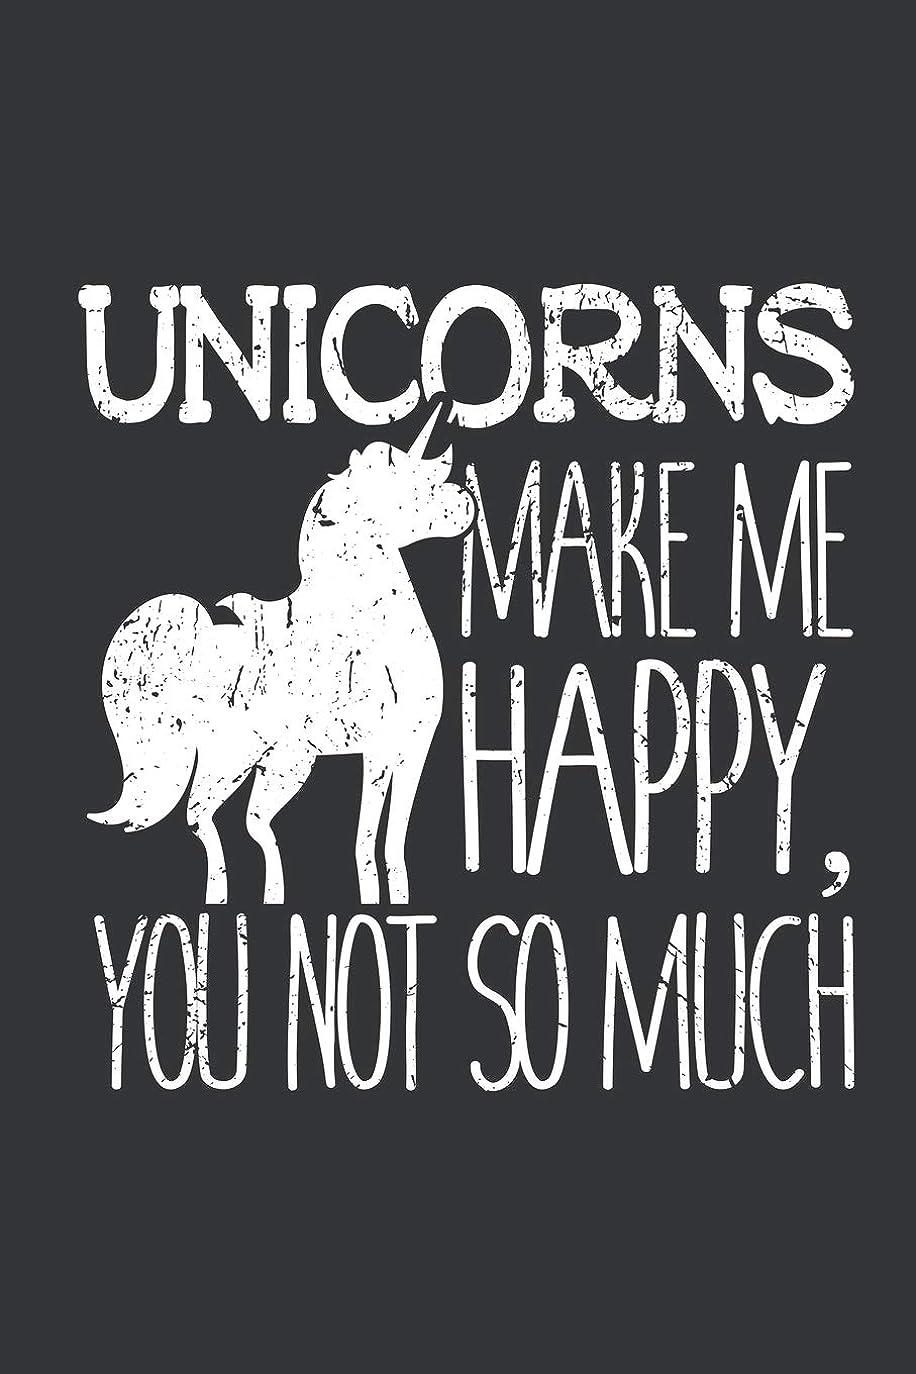 スカーフ集めるバイオリニストNotebook: Unicorns Make Me Happy You Not So Much Lover Journal & Doodle Diary; 120 Dot Grid Pages for Writing and Drawing - 6x9 in.